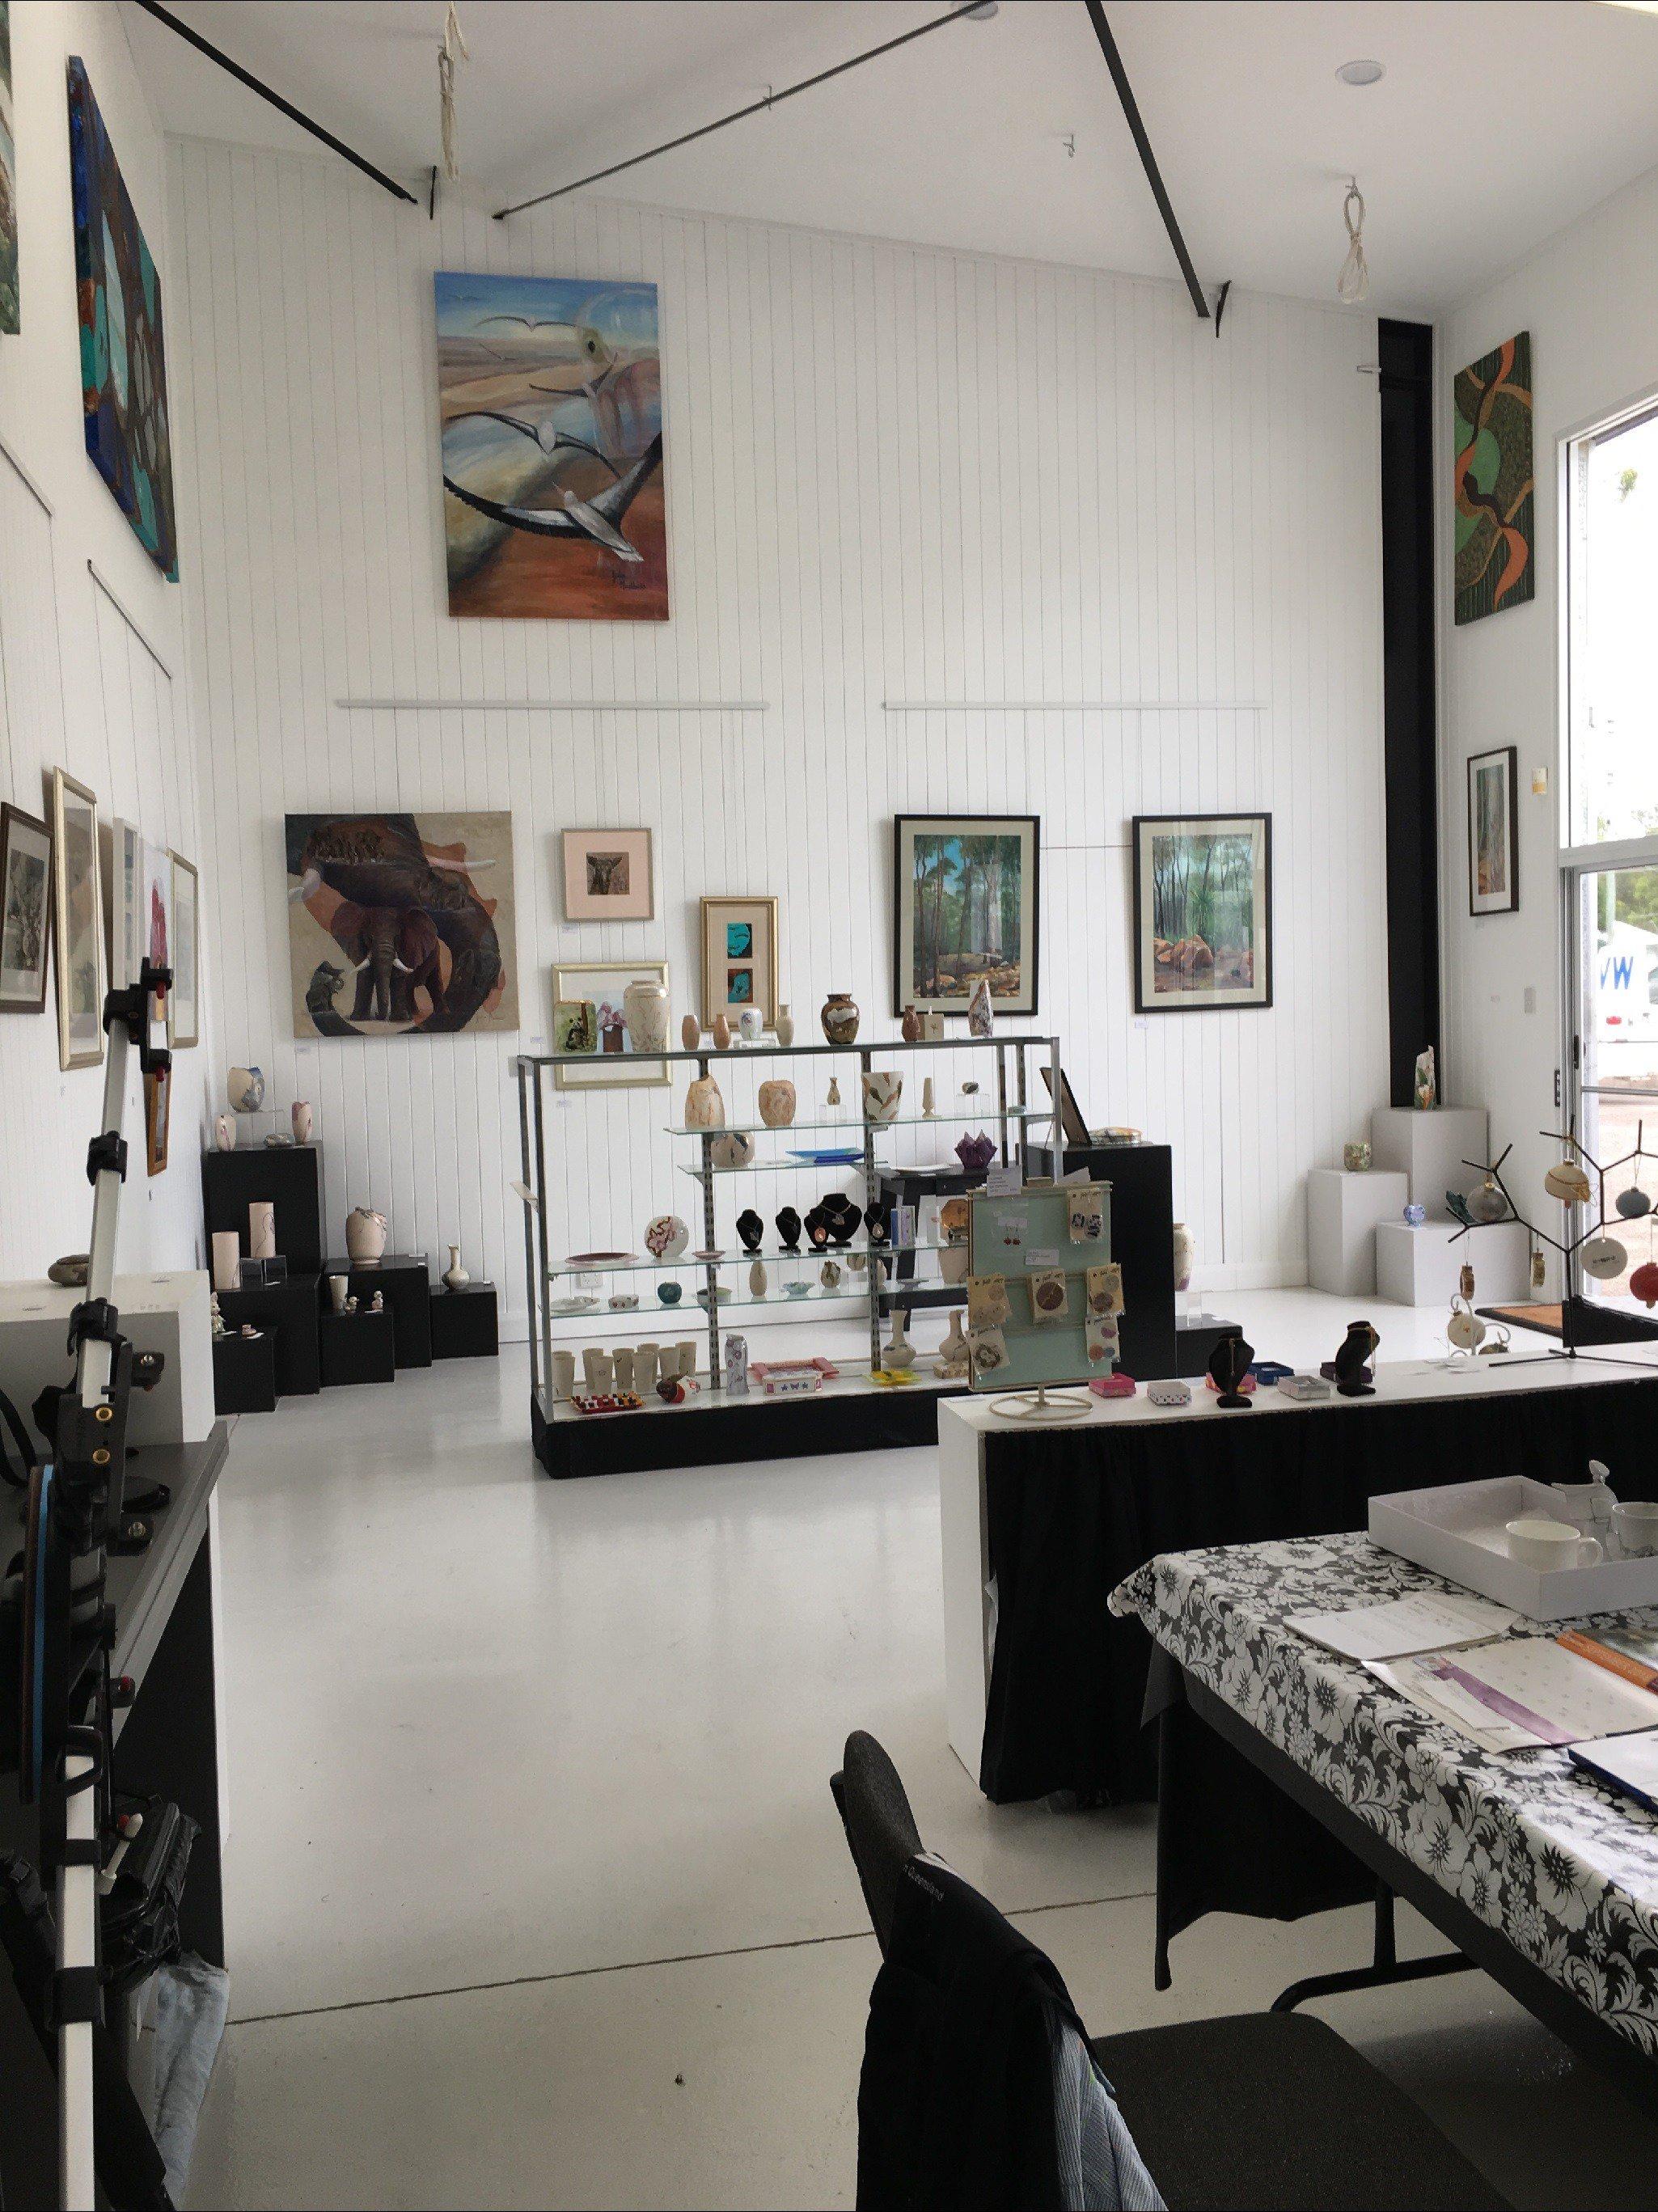 Julesart Studio/Gallery